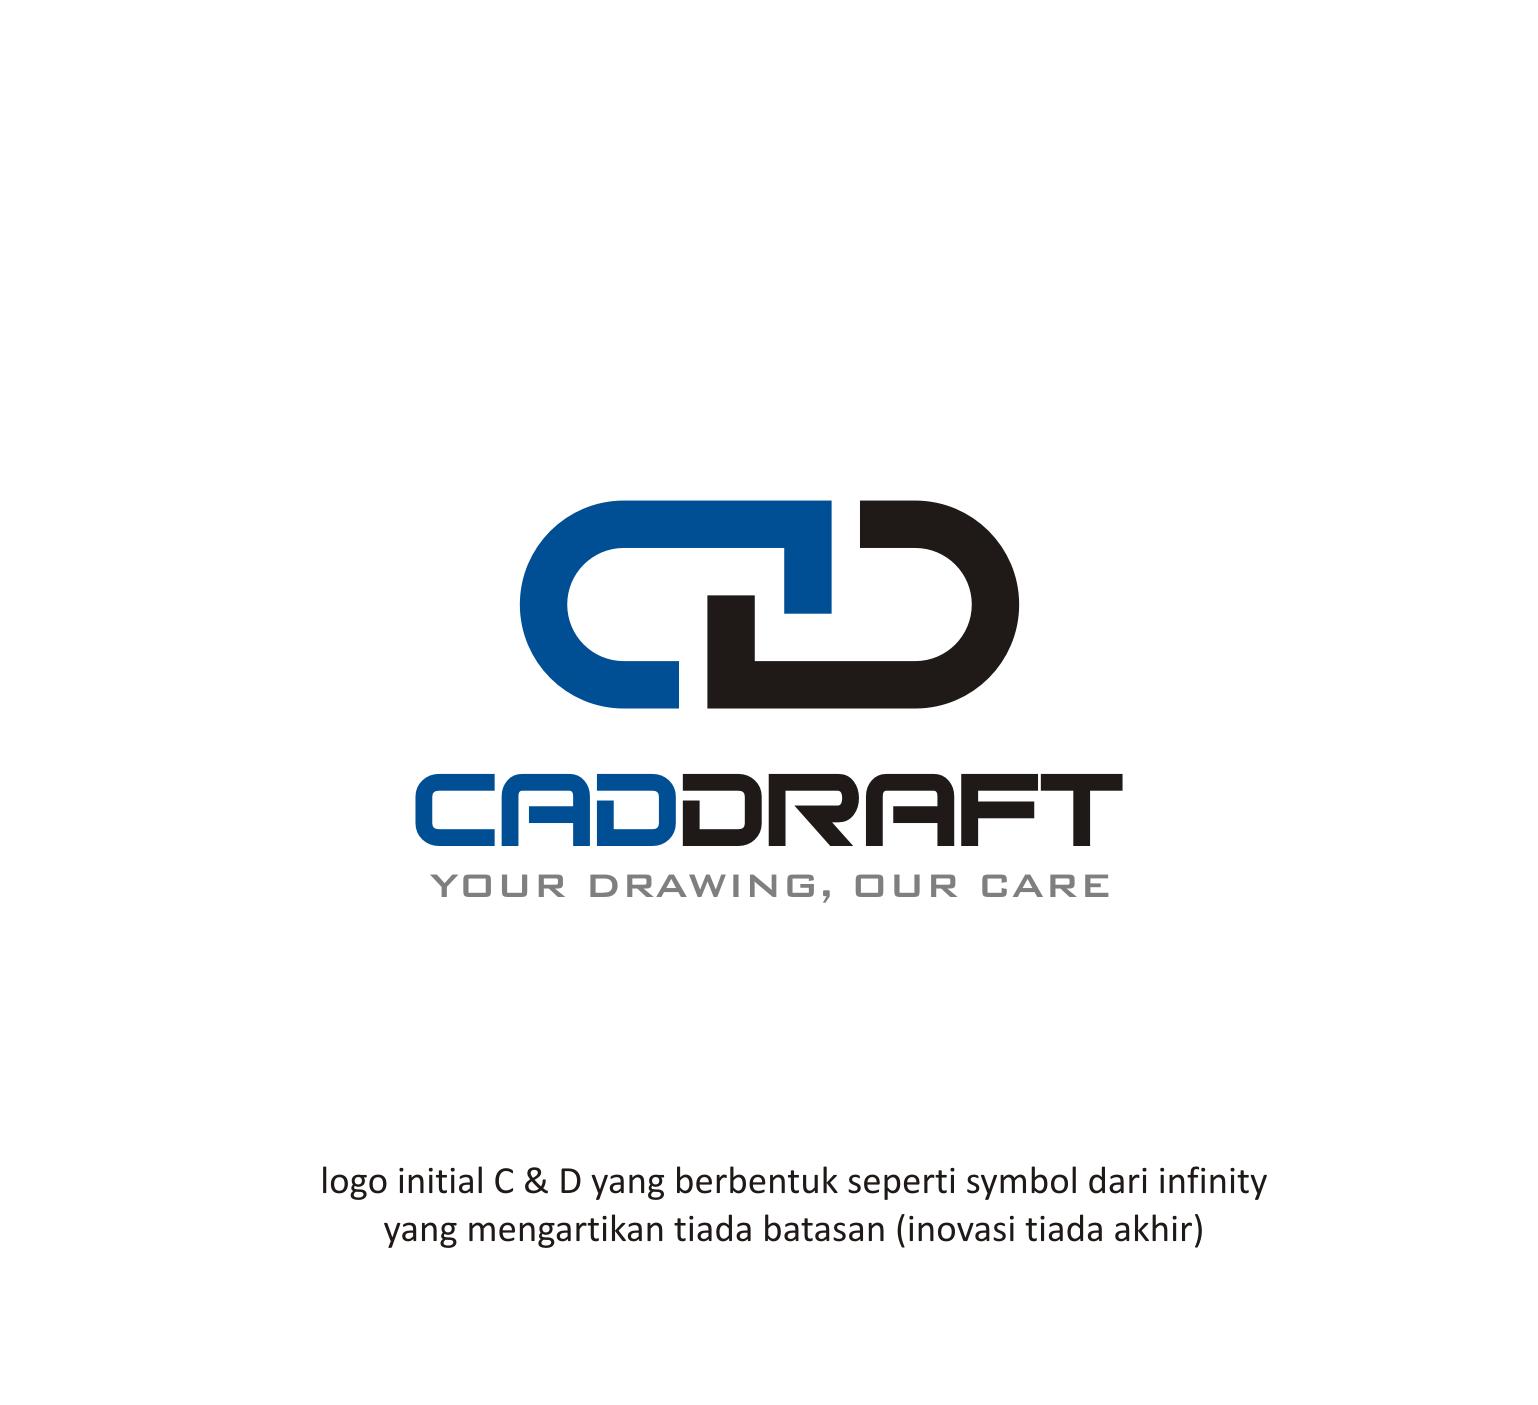 Paket Jasa Desain Arsitek: Logo Desain Untuk Perusahaan Penyedia J